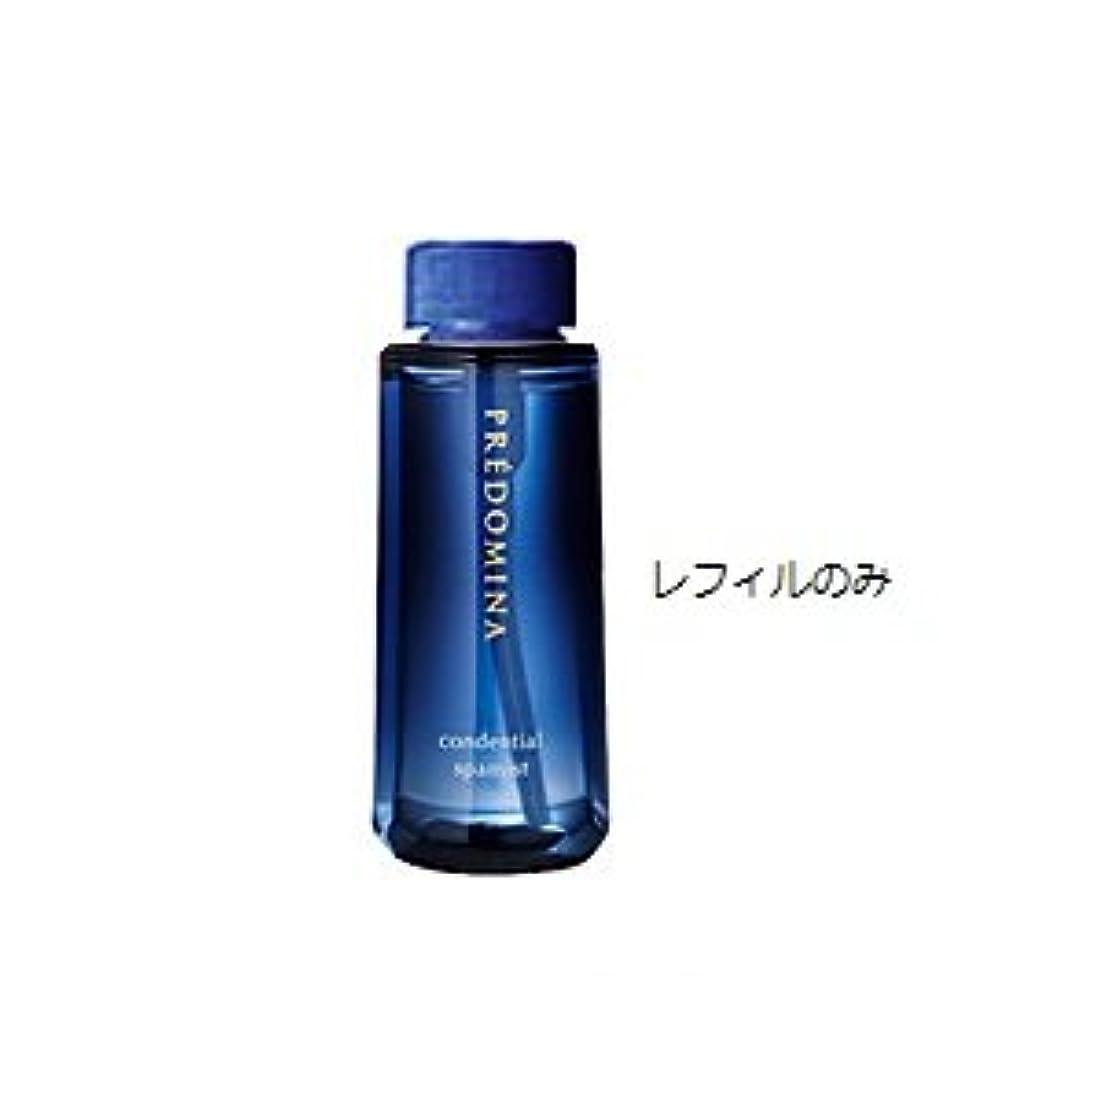 区別するプログレッシブ有効なディシラ プレドミナ コンデンシャル スパミスト 50ml レフィル